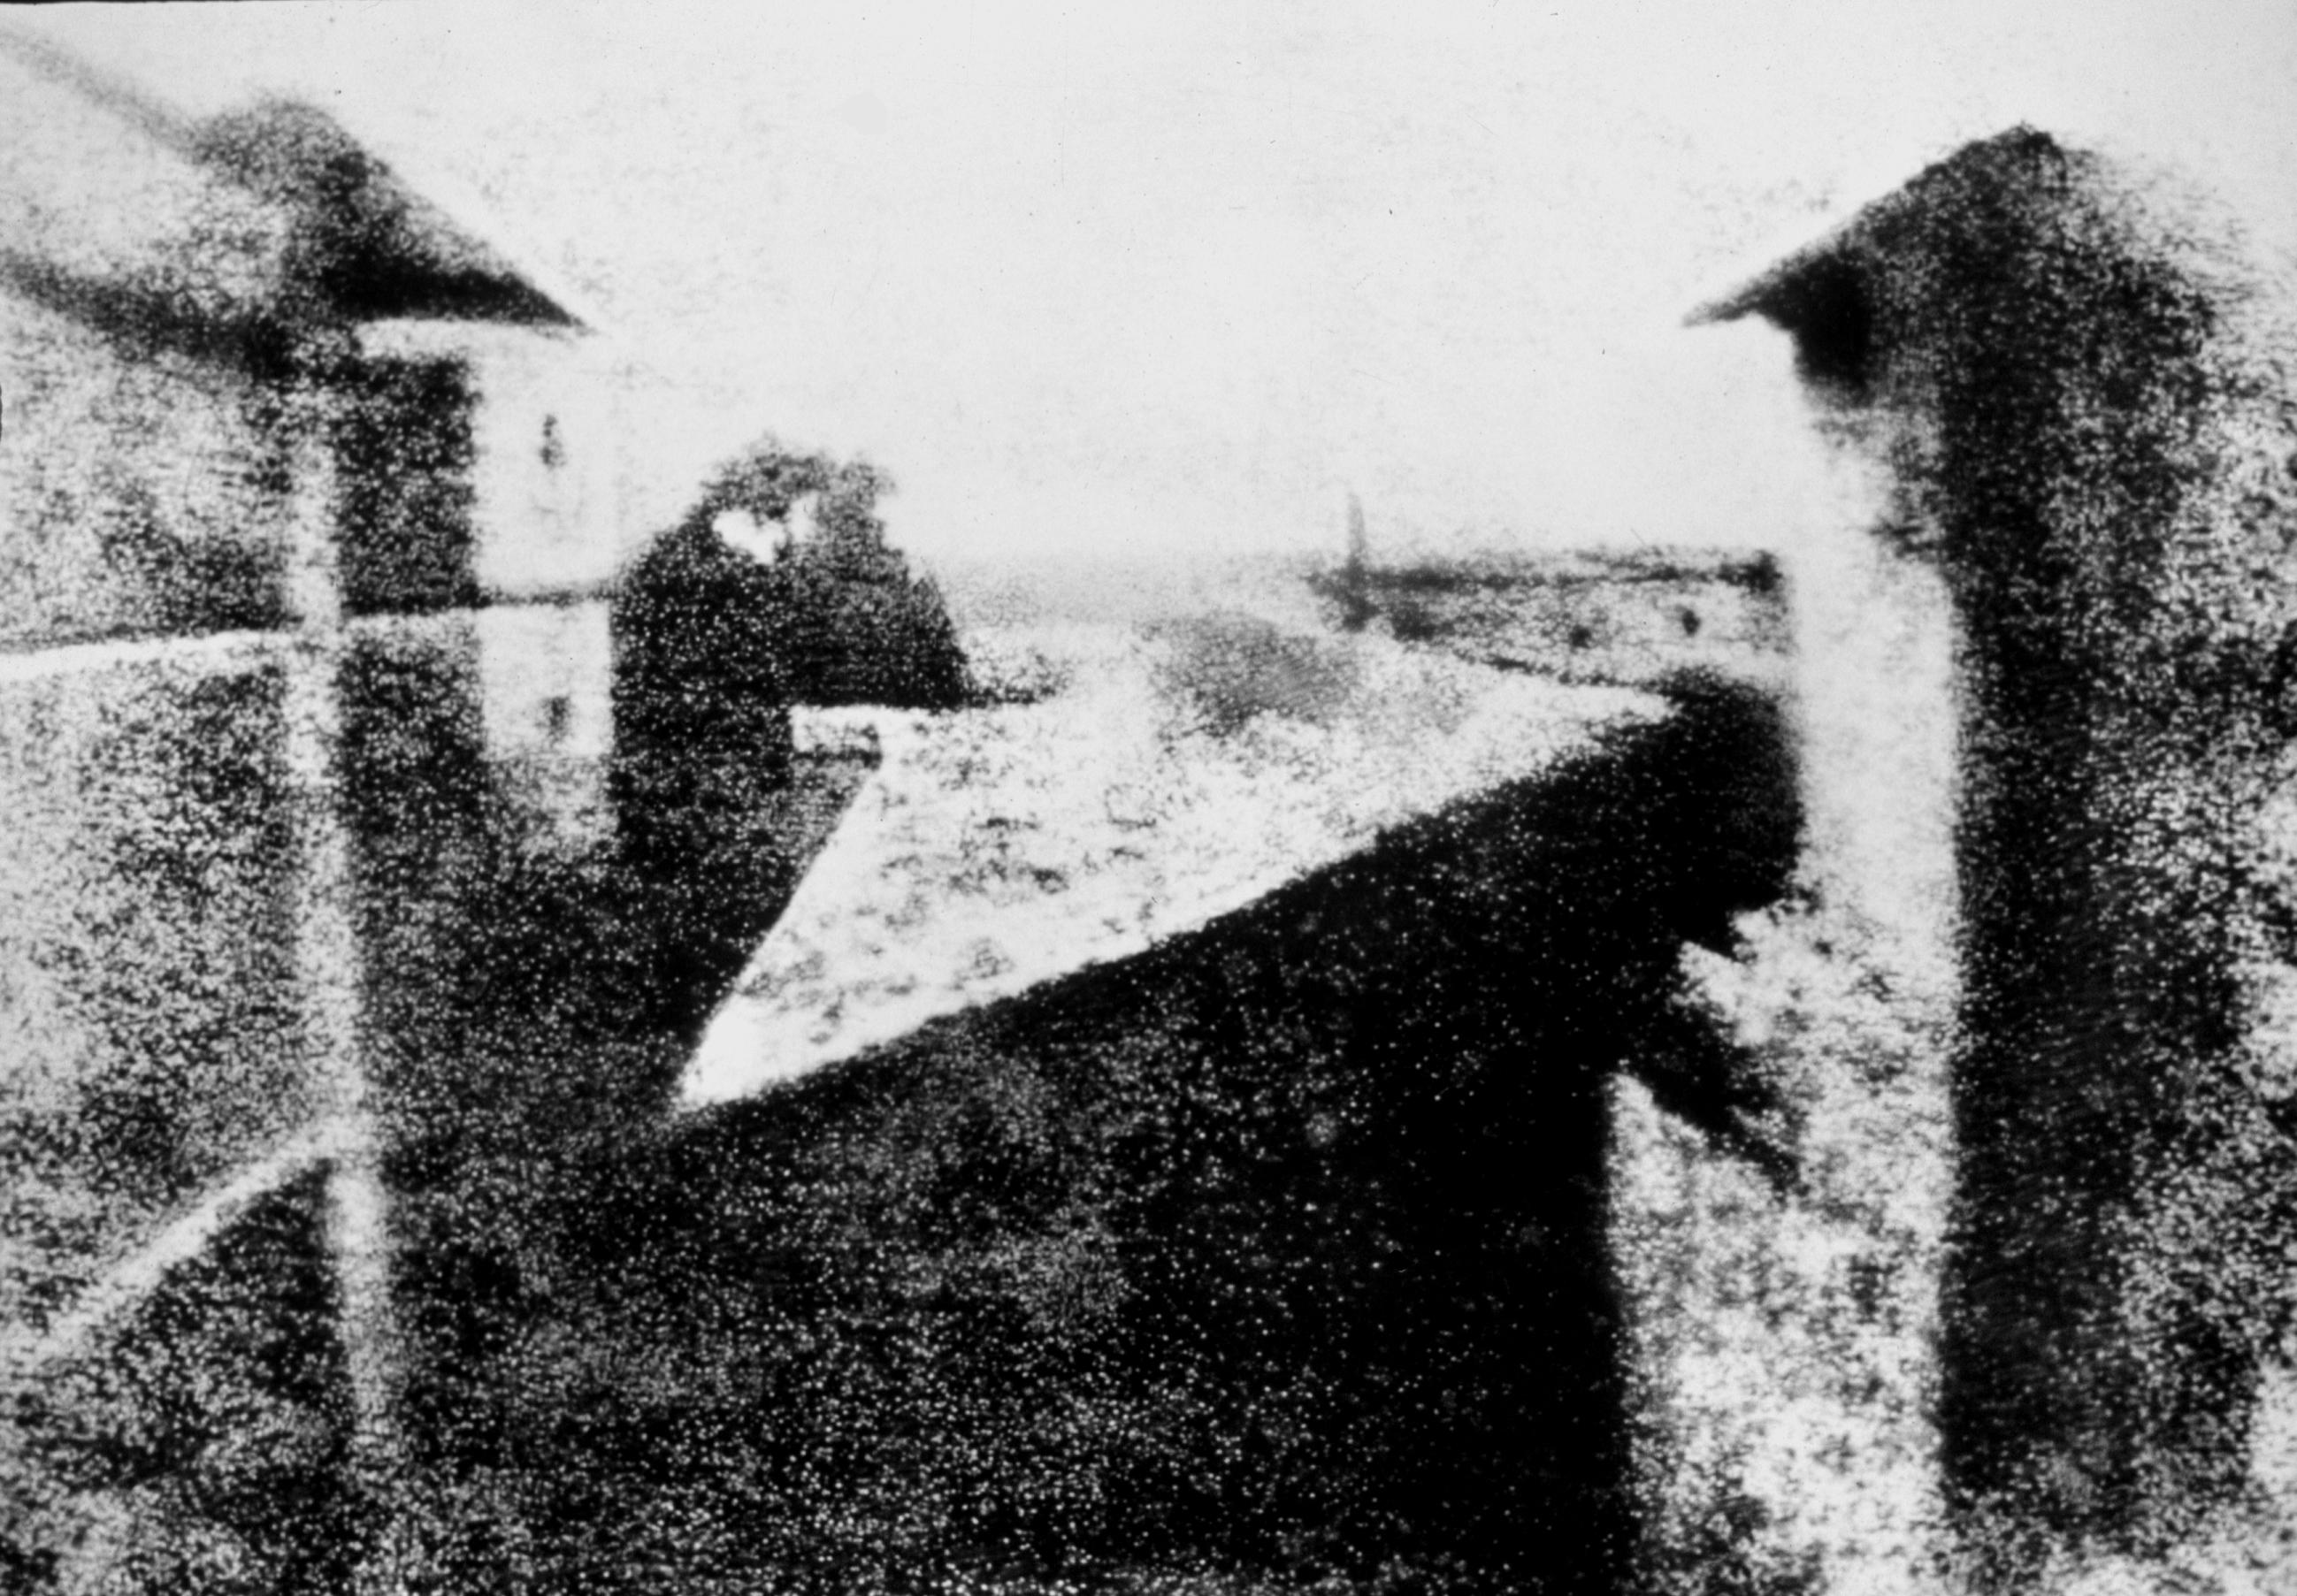 «Вид из окна вЛе Гра», гелиографический снимок 1826г.